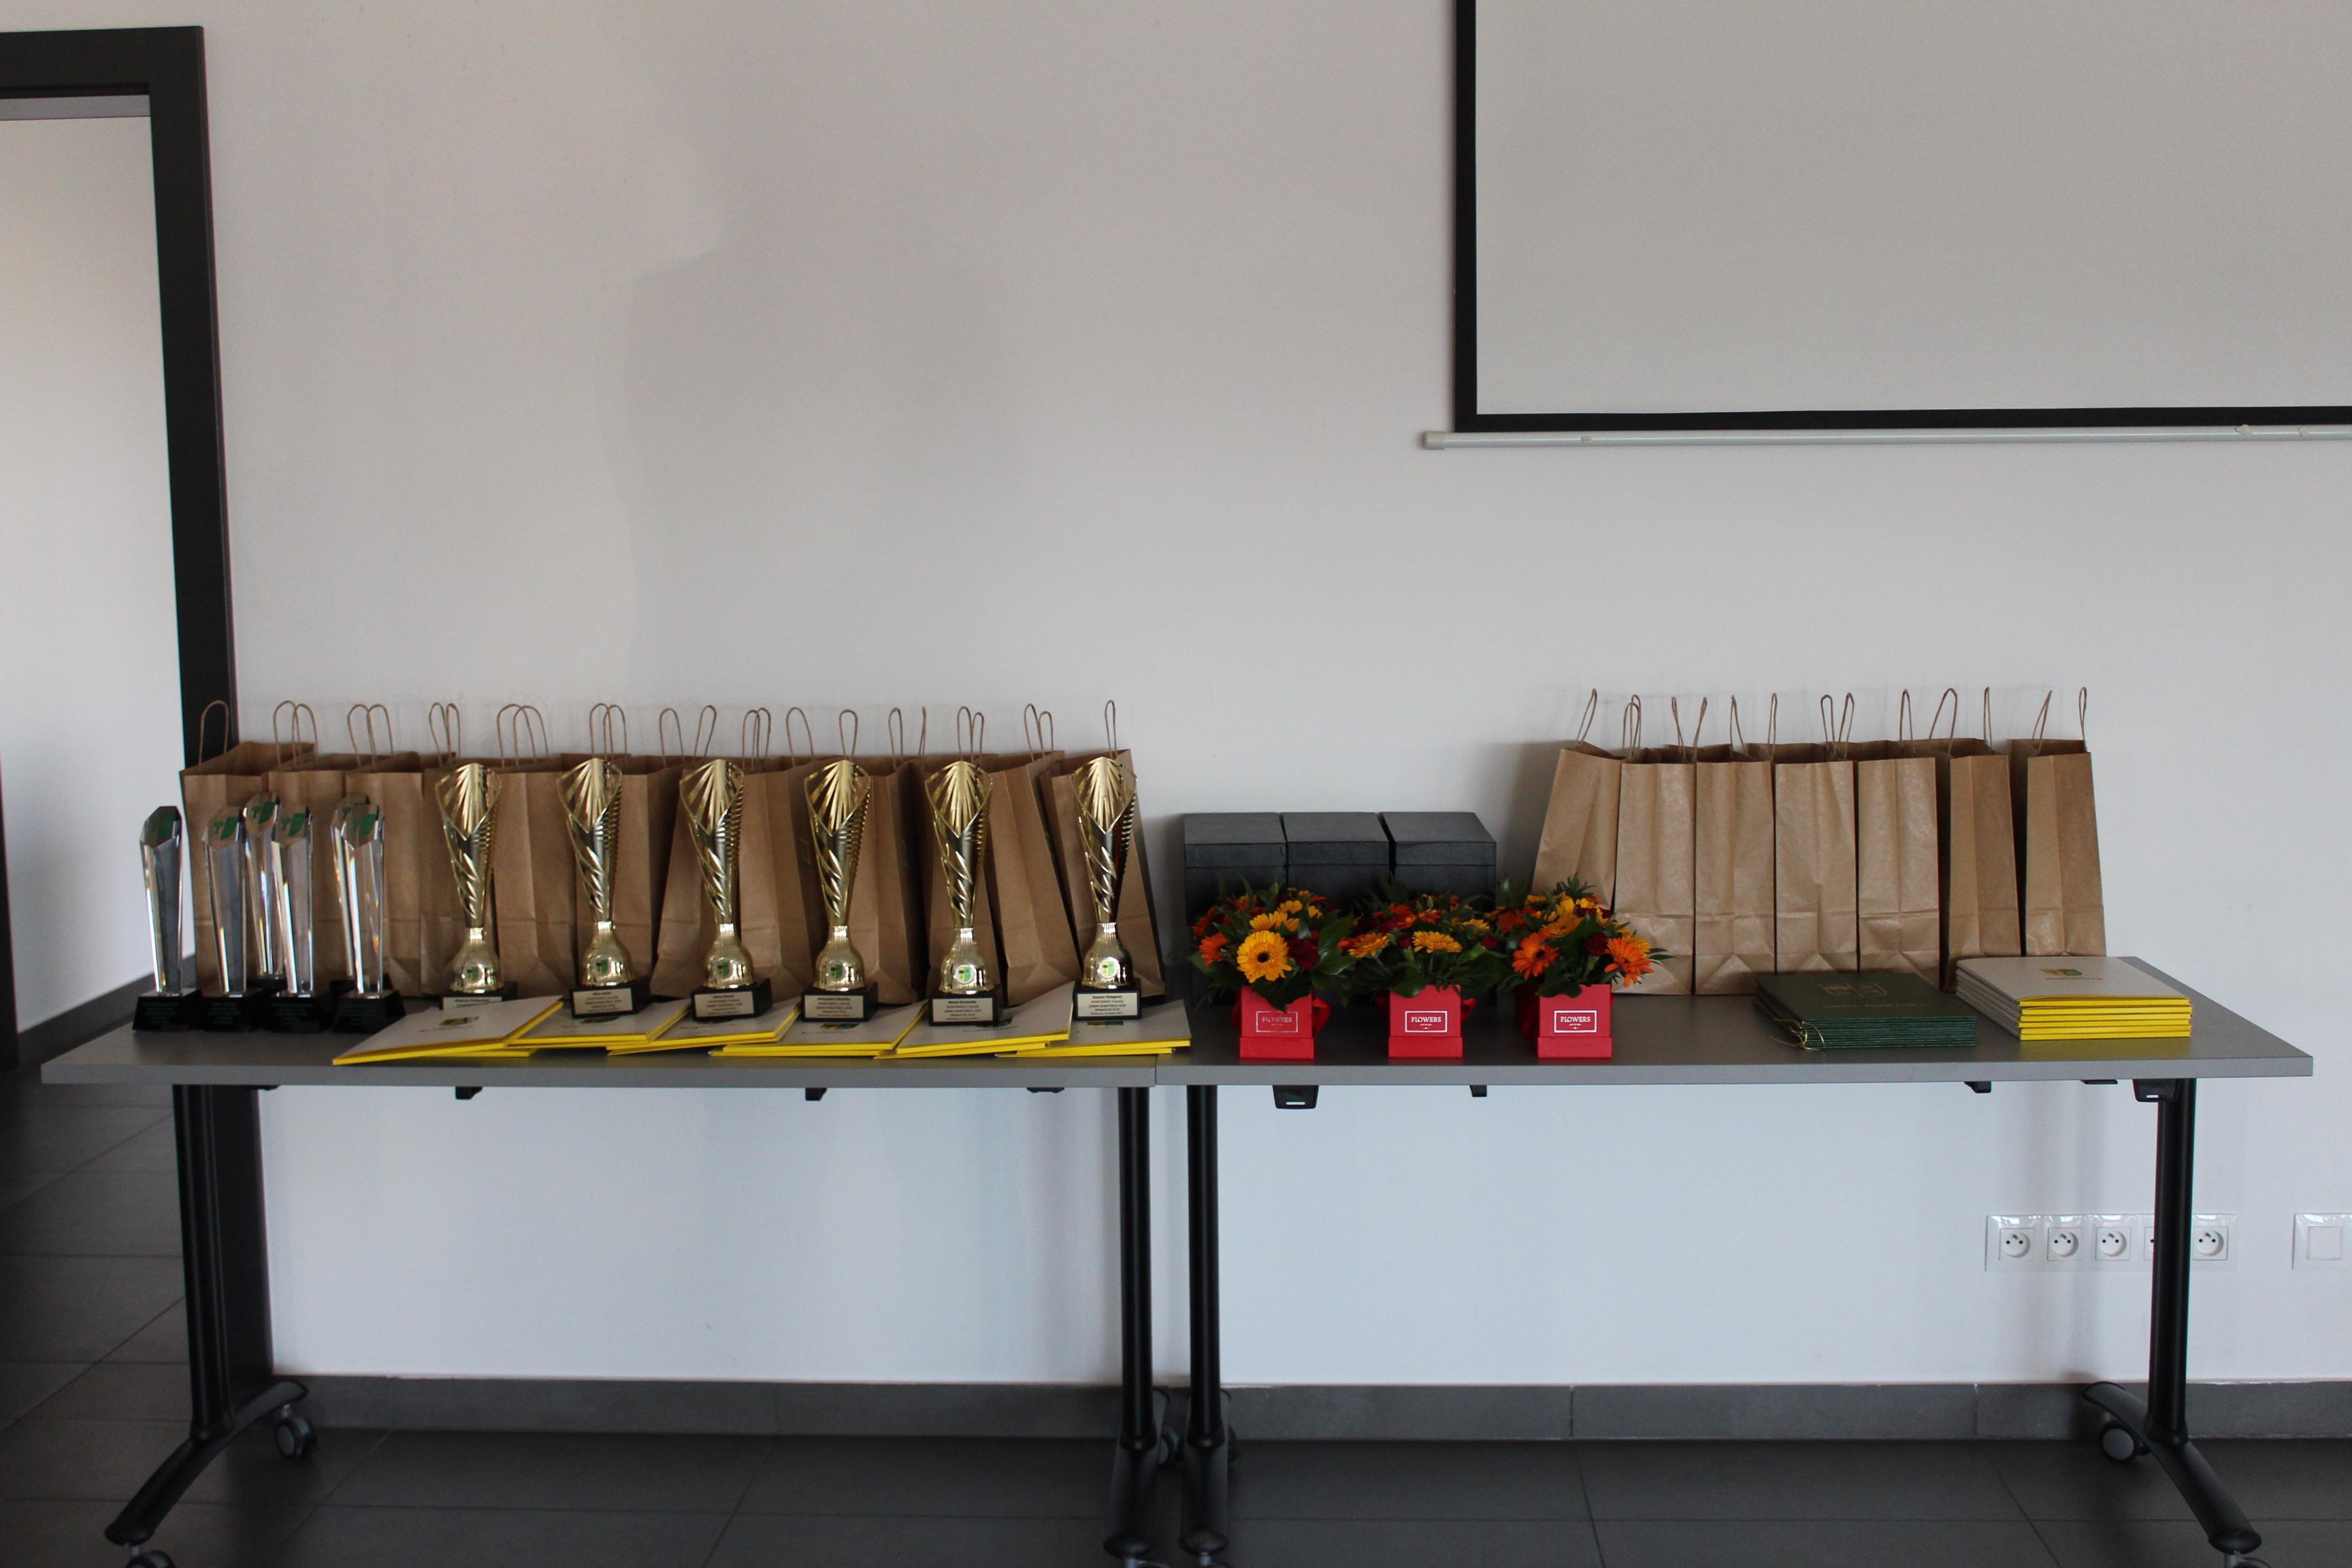 Na zdjęciu szklane statuetki, puchary, teczki z dyplomami, papierowe torebki z nagrodami i kwiatowe boxy ustawione na stołach.